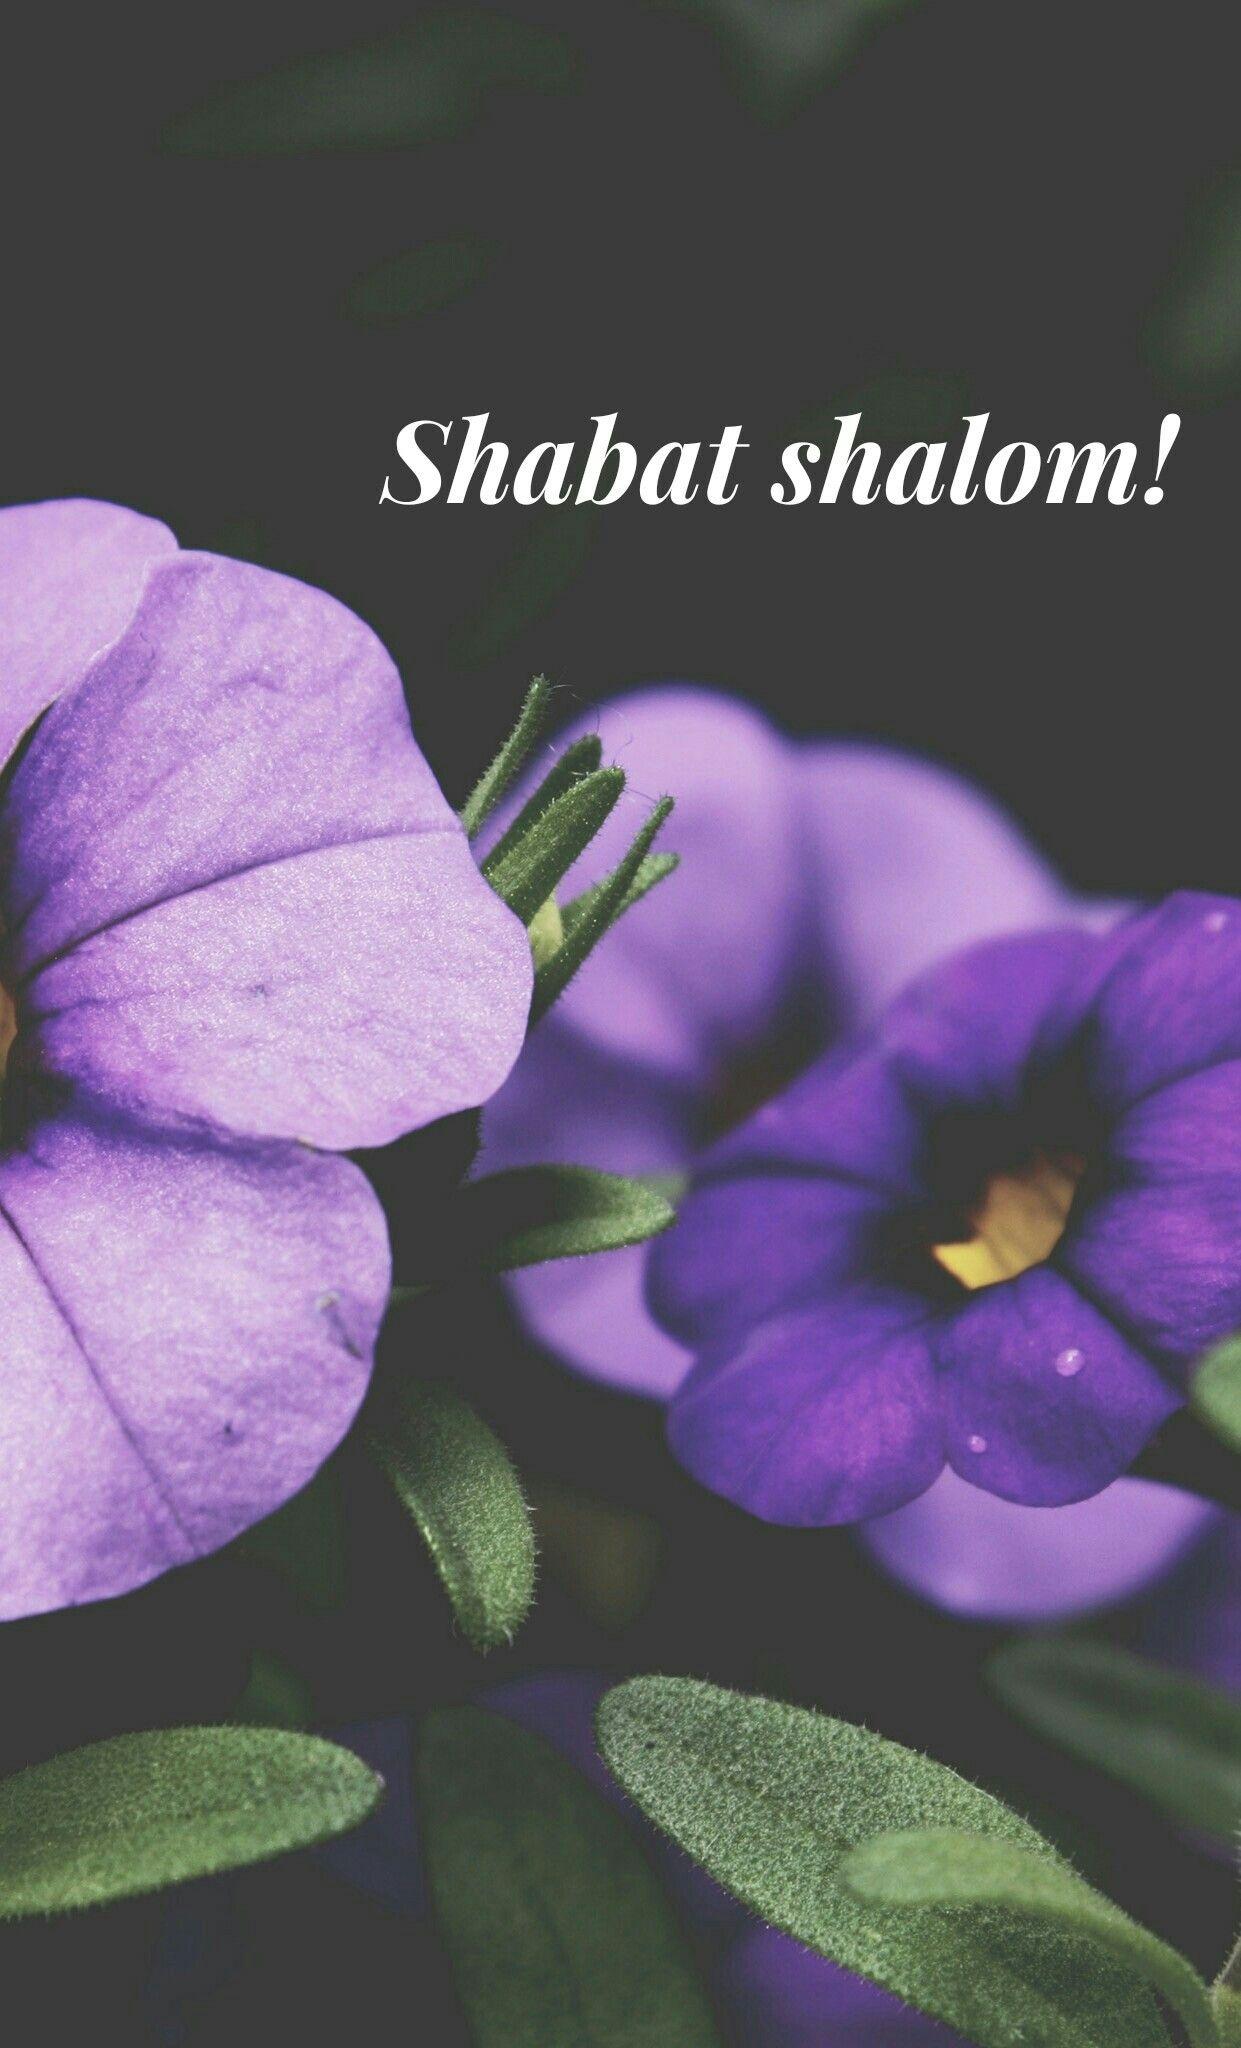 #ShabatShalom #wallpaper #background #torah #fondo para celular -by Cass-